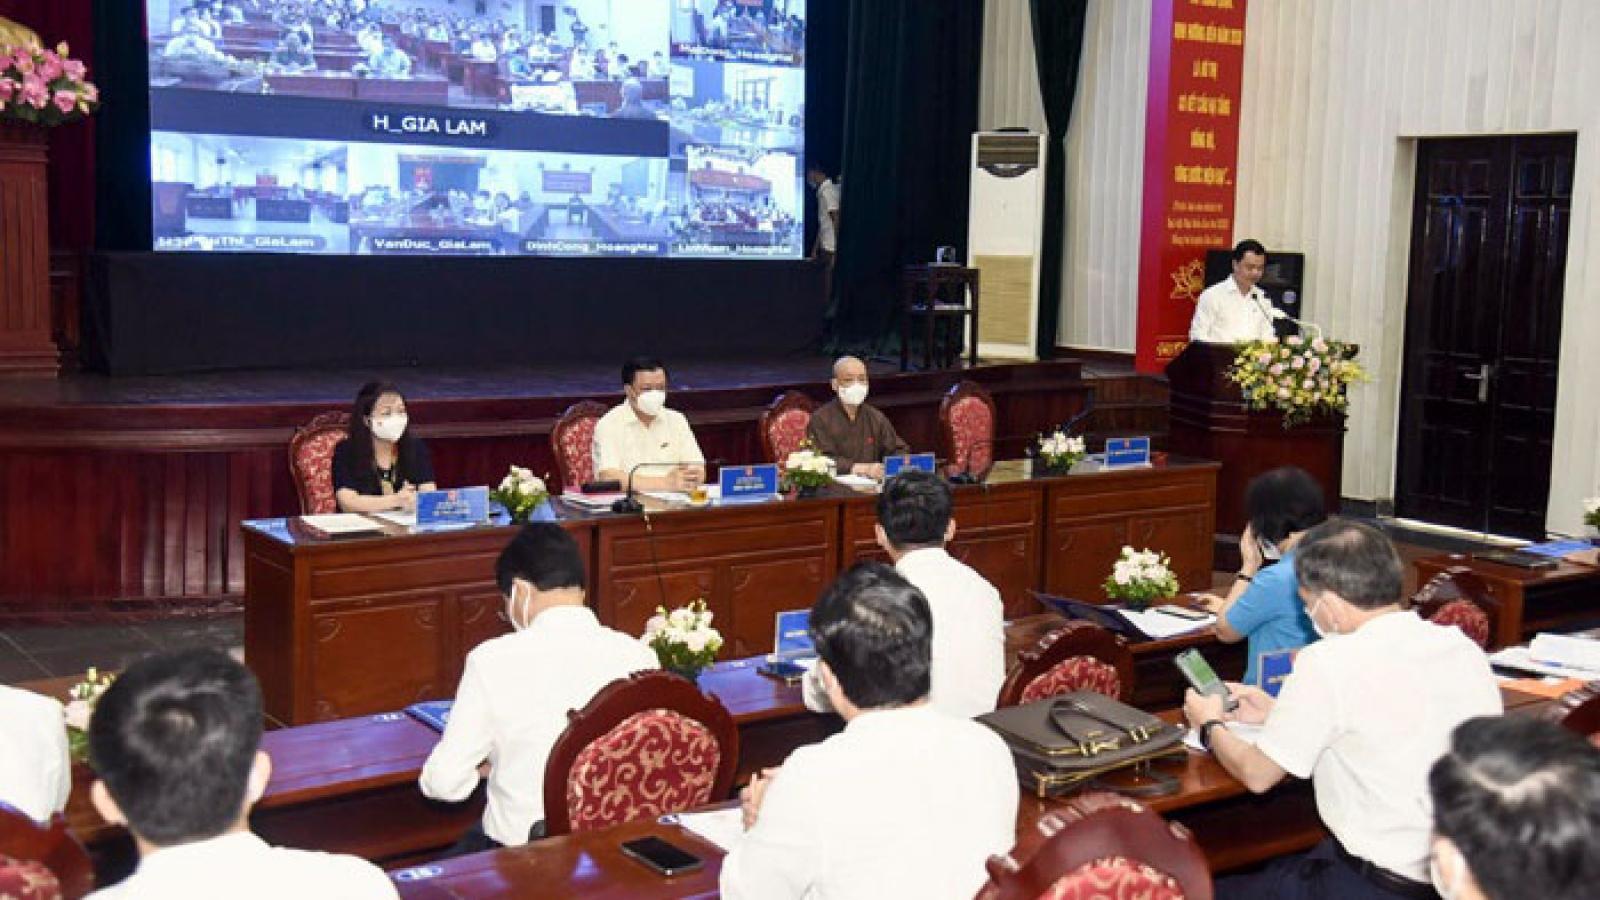 Bí thư Thành ủy Hà Nội: Tạo thuận lợi tối đa cho sản xuất kinh doanh